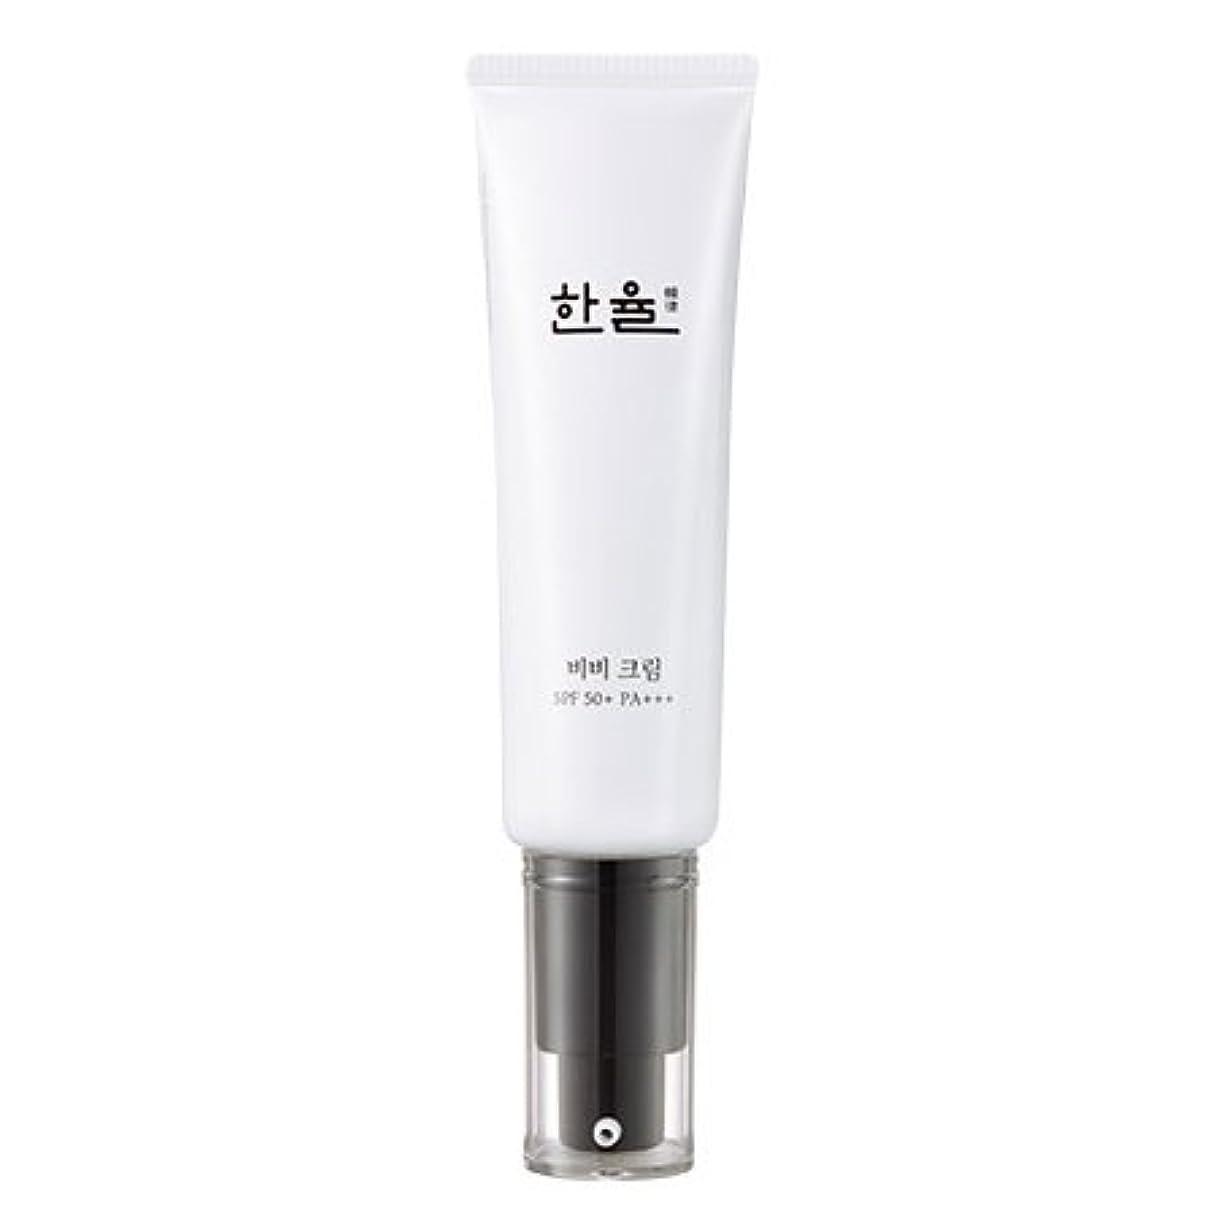 エイズマティス時代遅れHANYUL BB Cream 40ml/ハンユル BBクリーム 40ml (#2 Natural Beige) [並行輸入品]